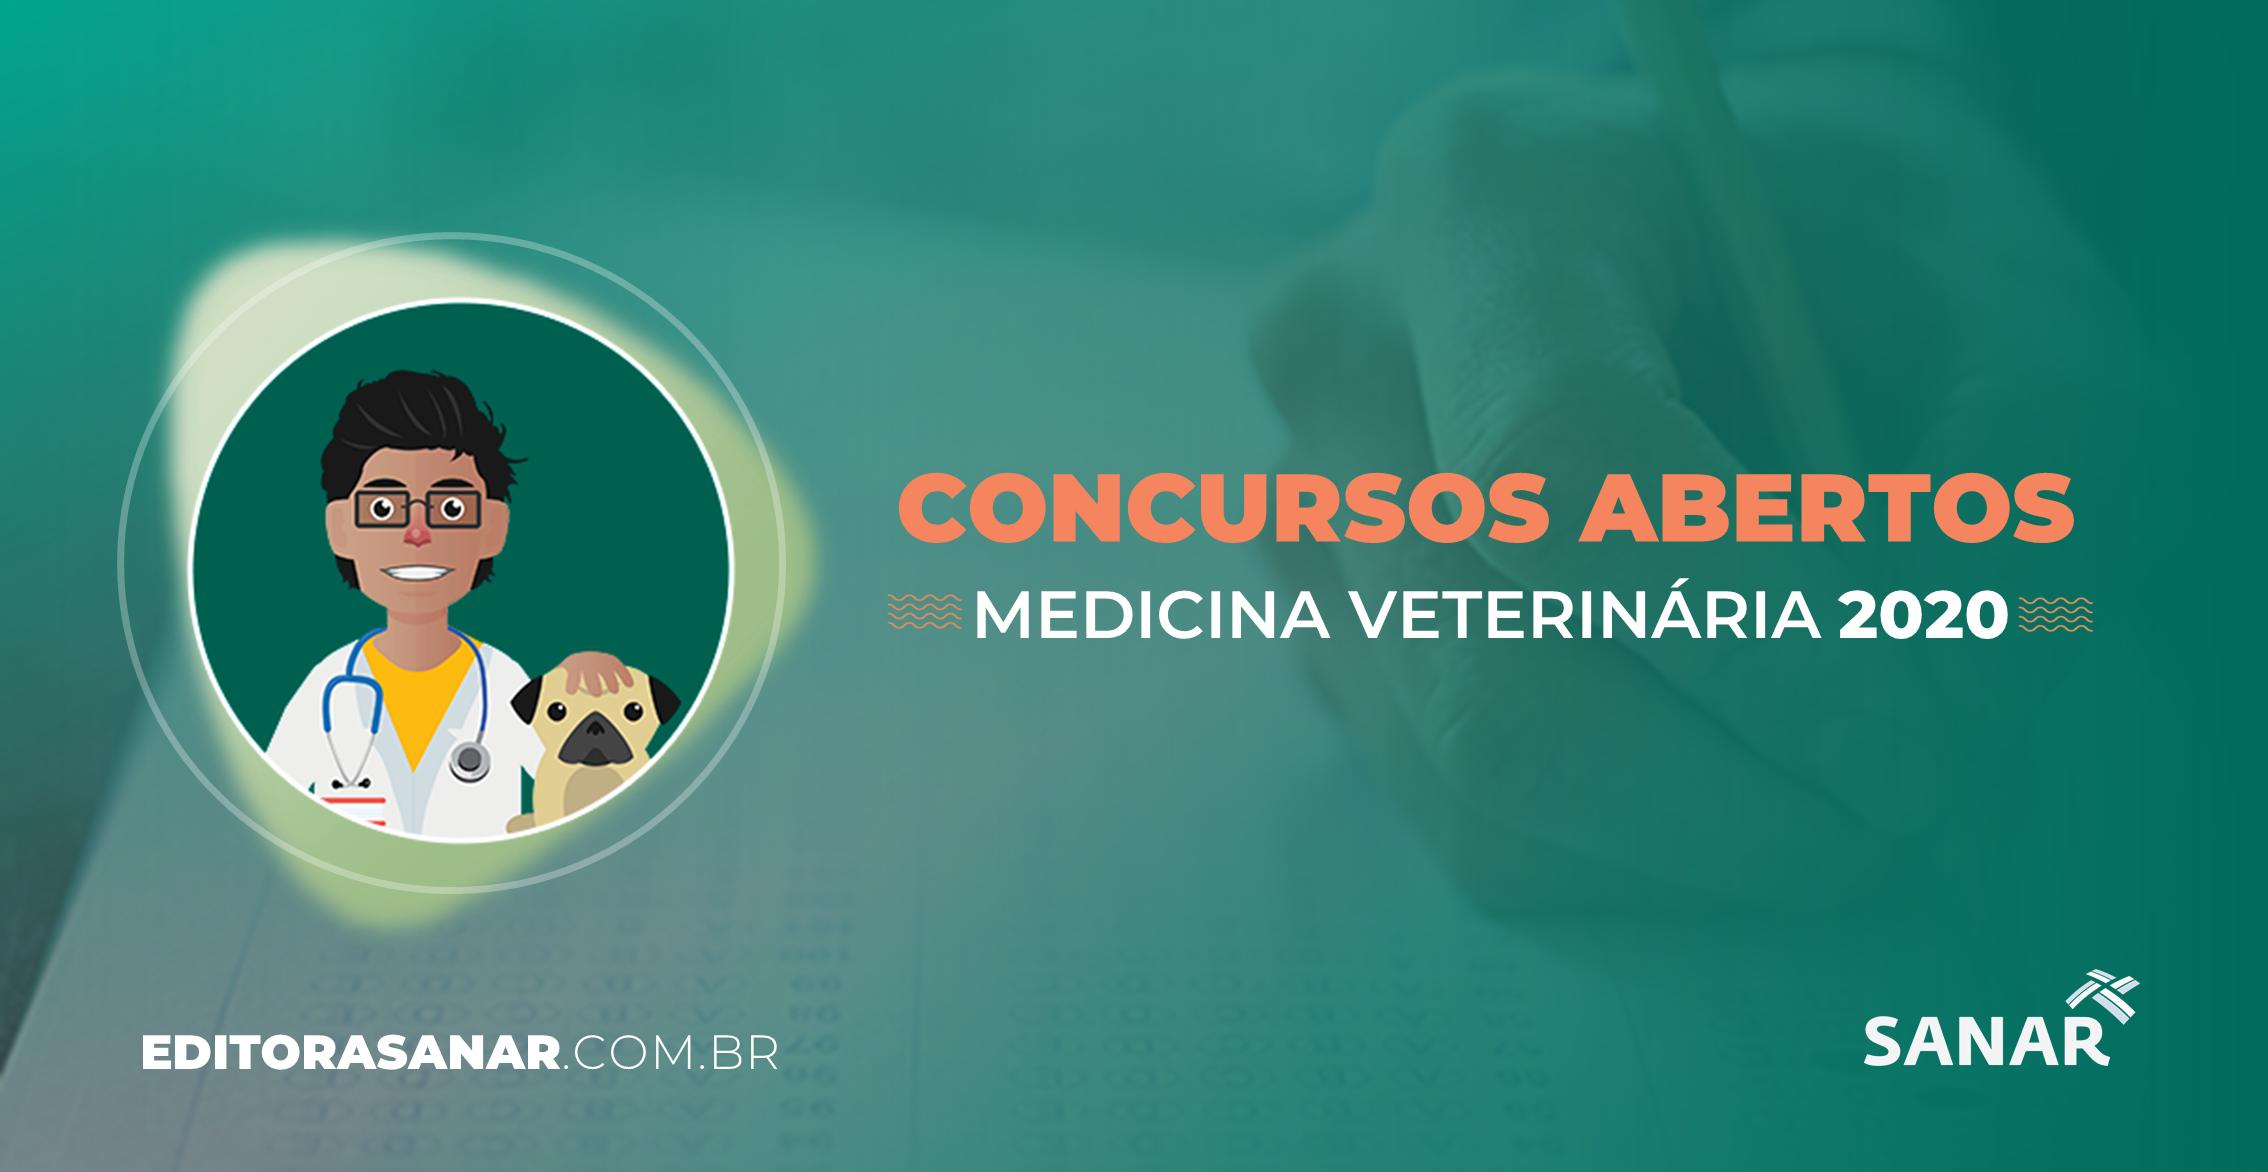 Concursos em Medicina Veterinária com Vagas Abertas 2020